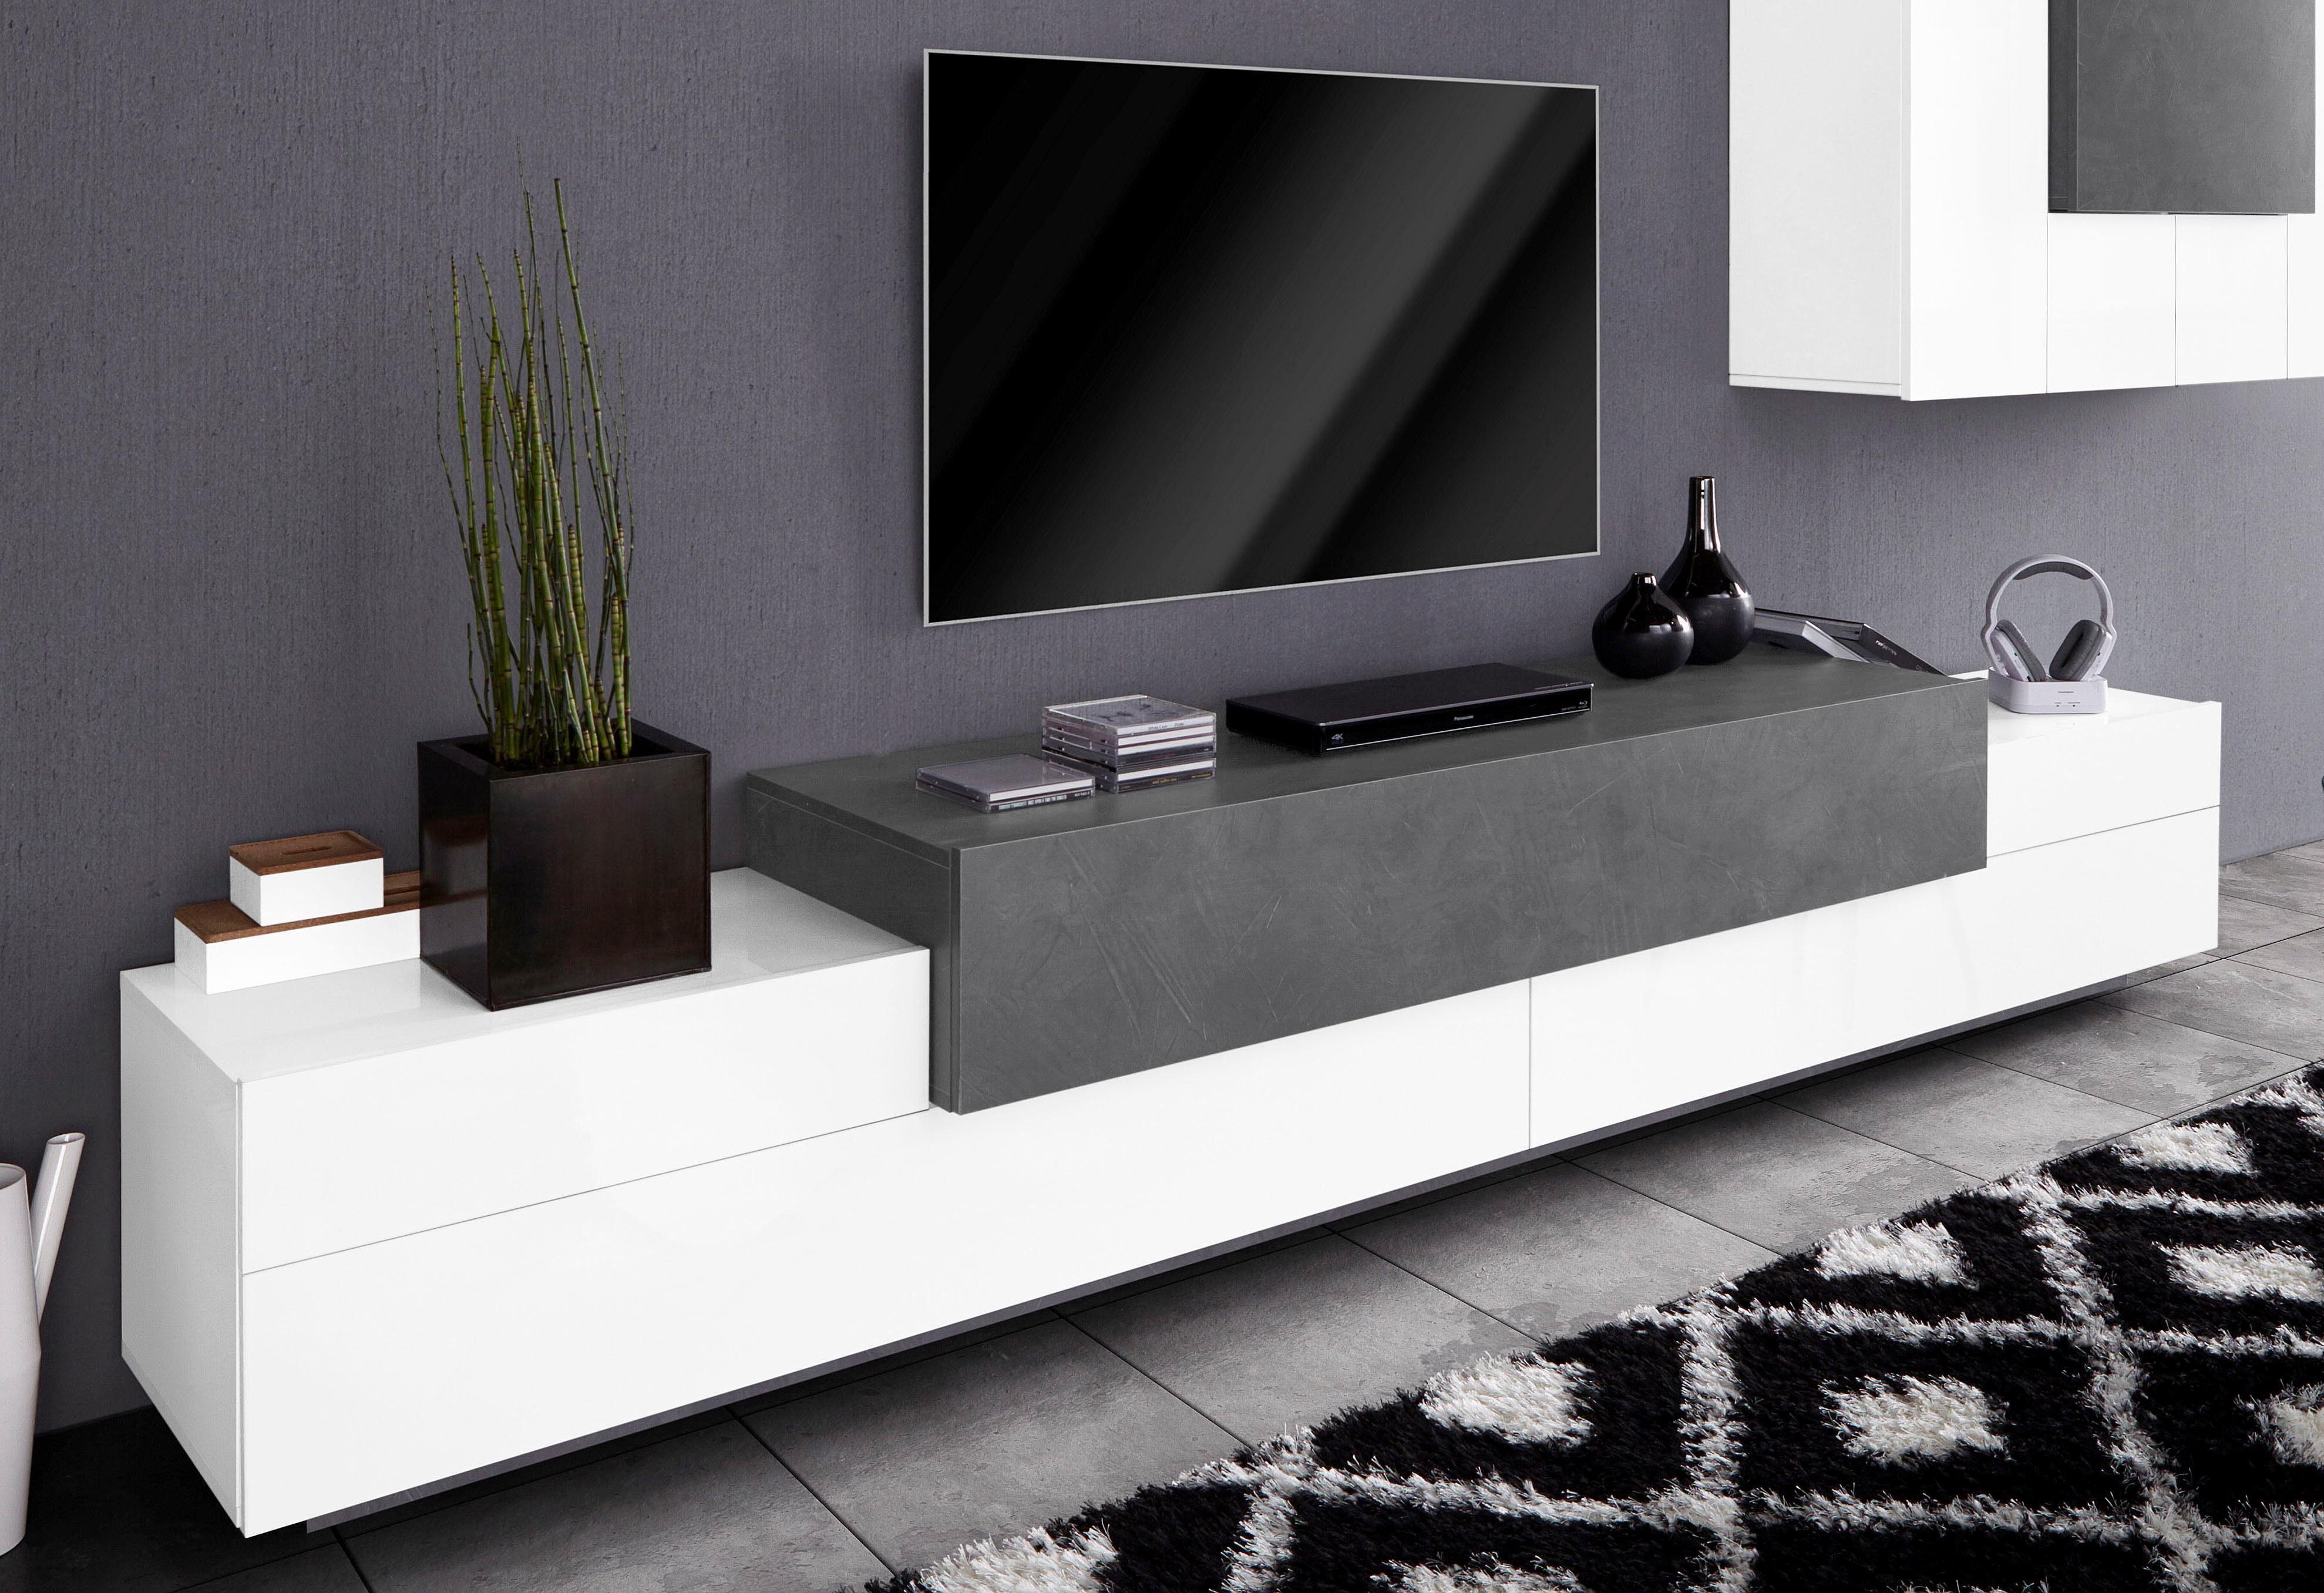 Tv Kast Wit : Uitstekende huisdecoratie mooi tv kast wit met hout als ikea besta